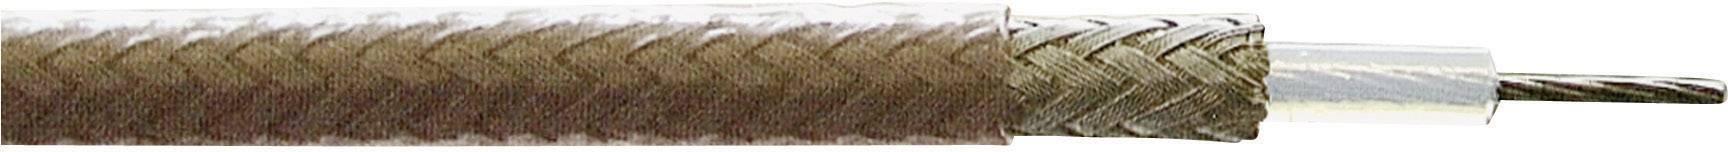 Koaxiálny kábel Huber & Suhner 22510043, 50 Ohm, metrový tovar, hnedá